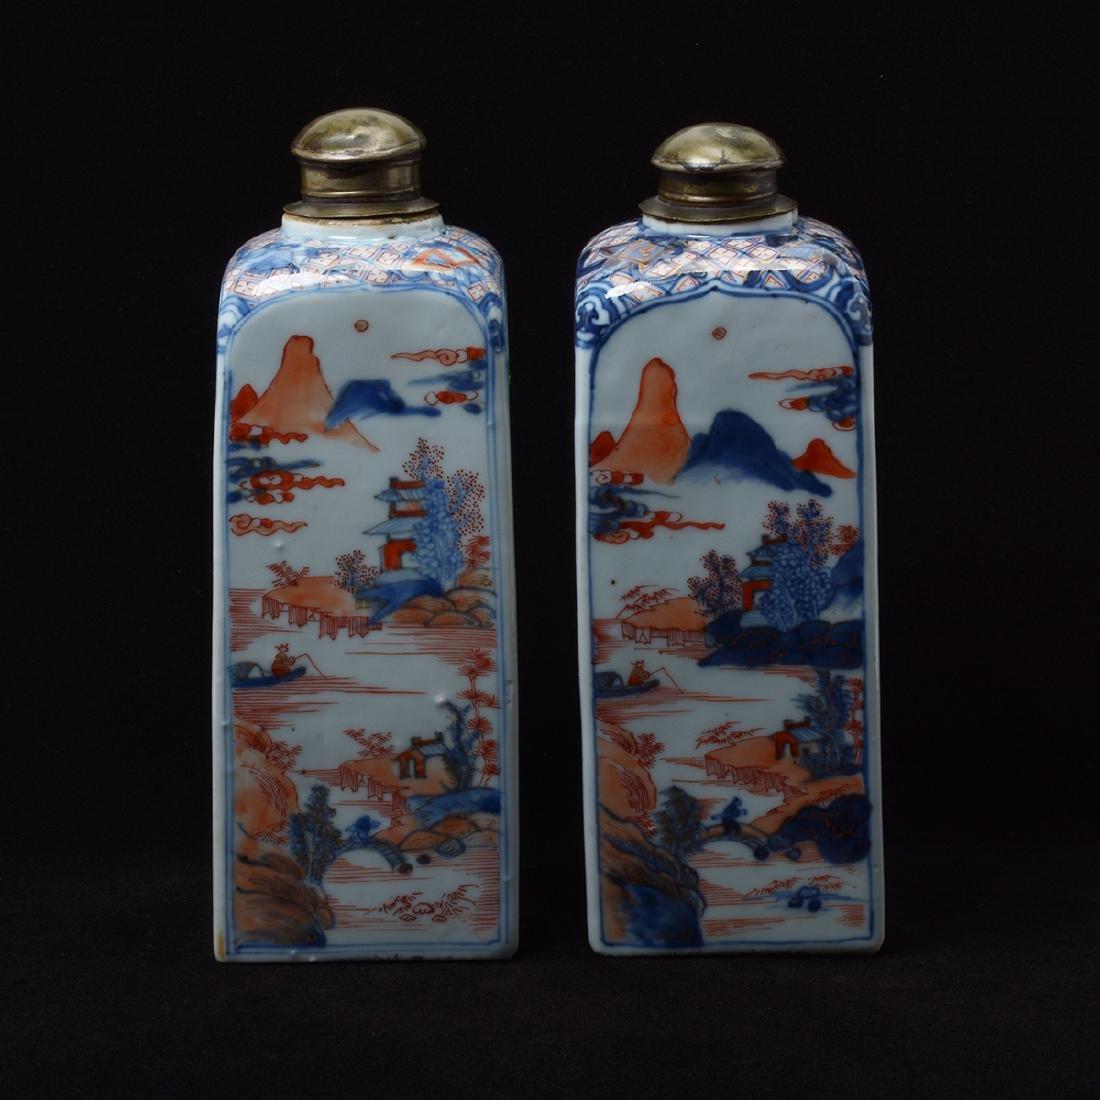 Pair of Chinese Imari Square Bottles, Kangxi Period